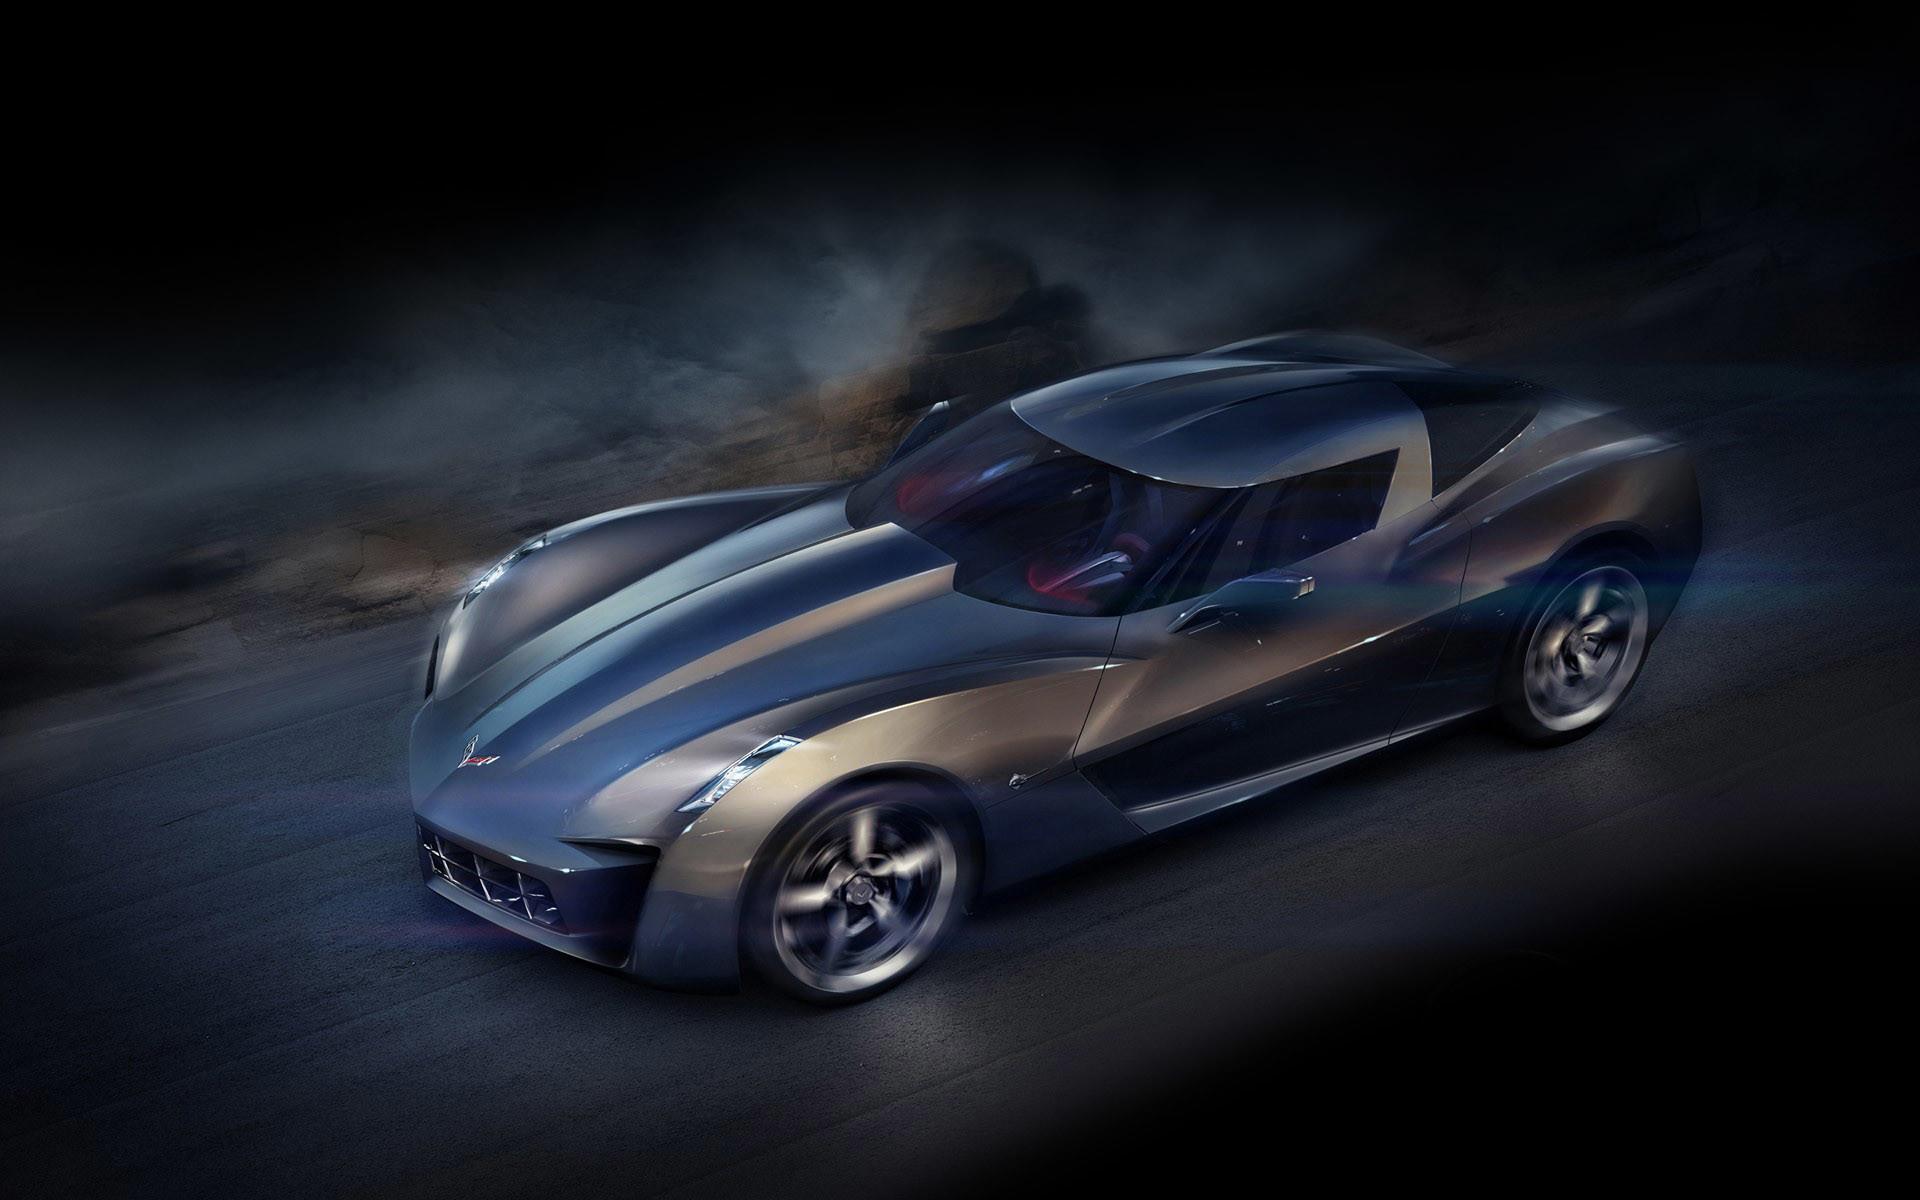 Super Fast Sports Car Games